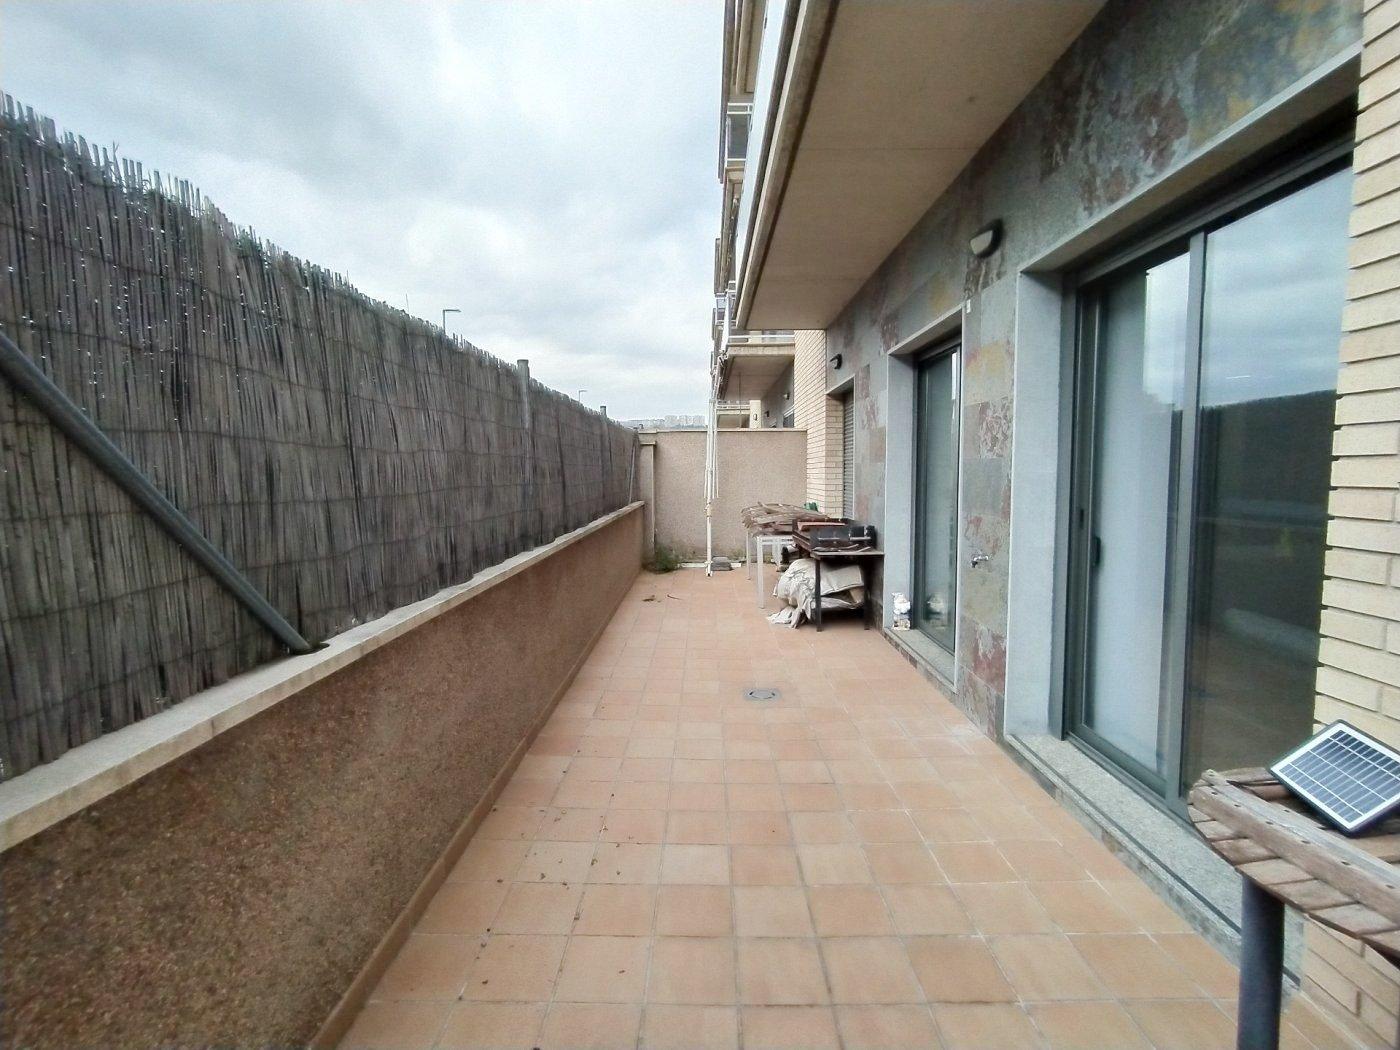 Dúplex semi-nuevo muy soleado con parking incluido en Olesa de Montserrat (Barcelona)